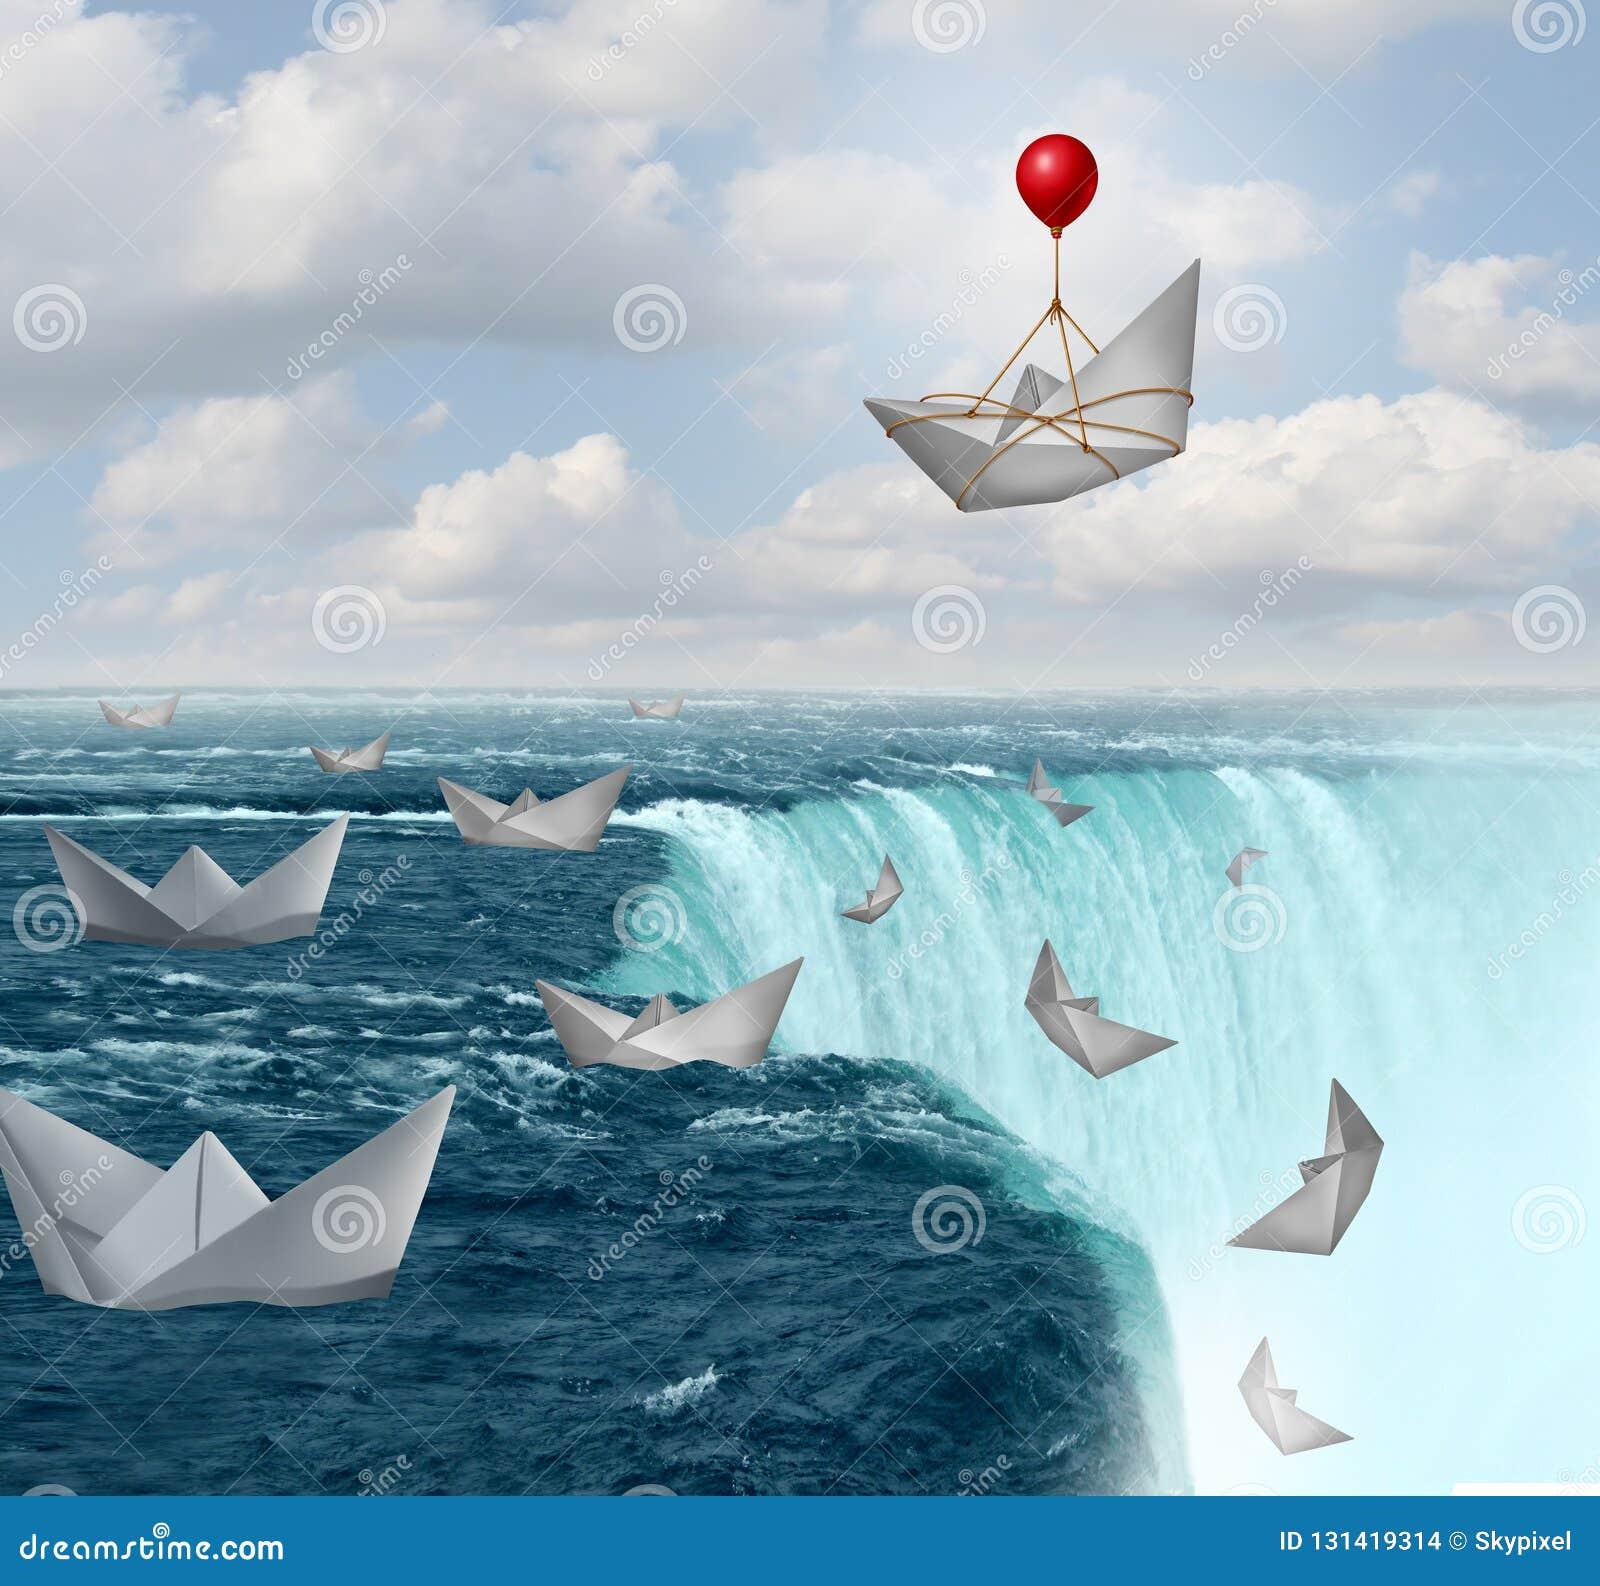 Предохранение от страхования и символ безопасностью неприятия риска как бумажные шлюпки в опасности с одним сохраненным воздушным